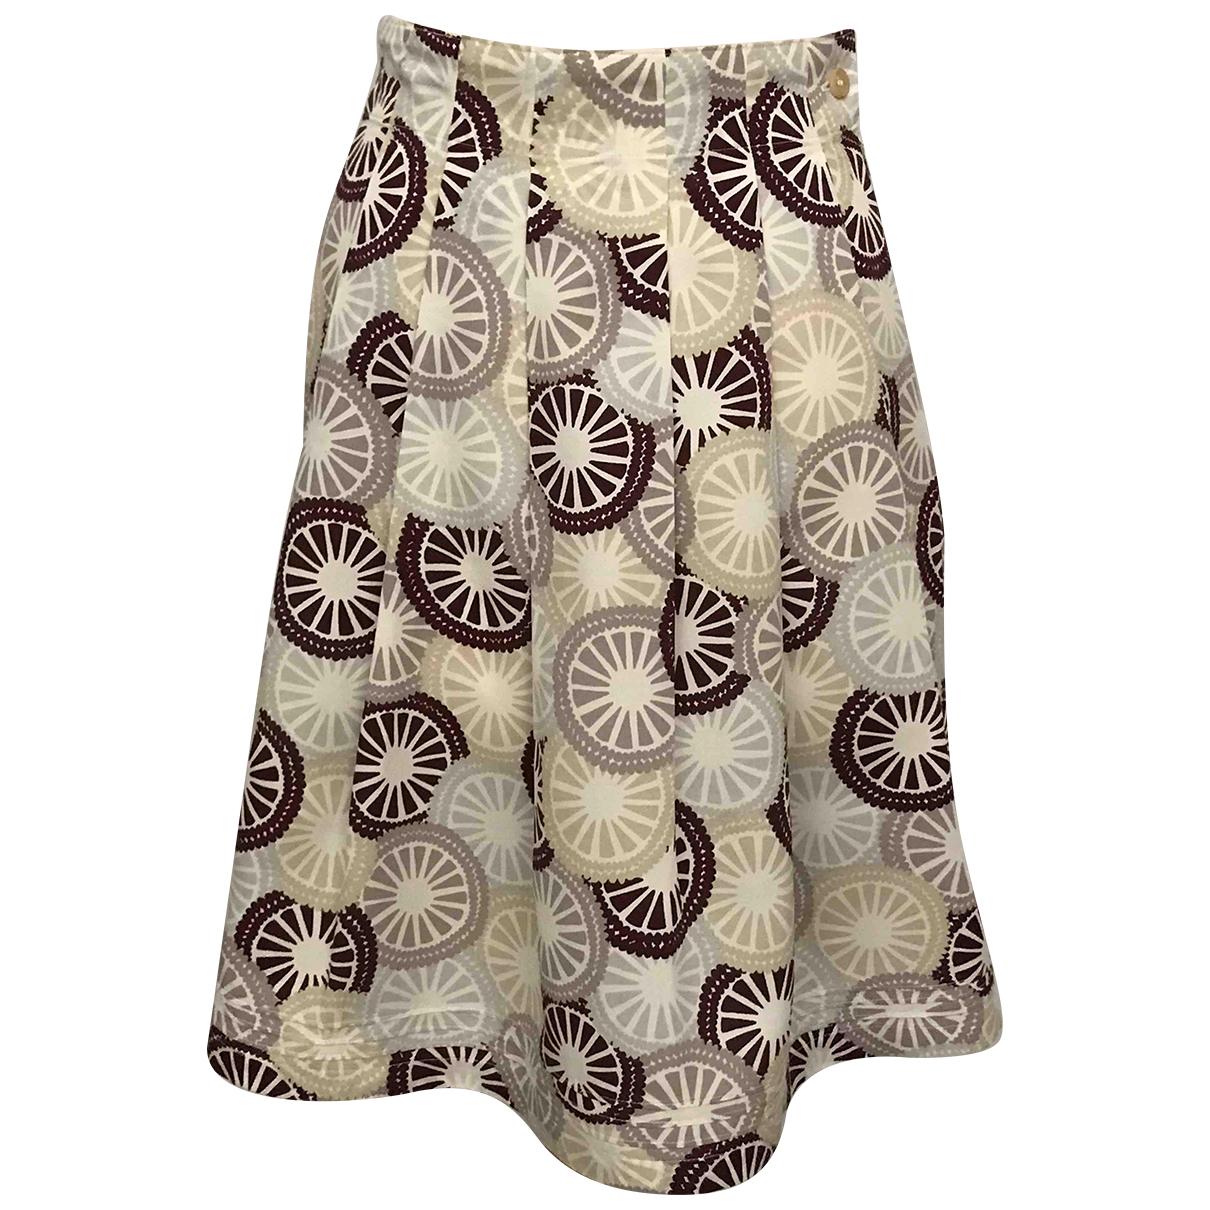 Apc - Jupe   pour femme en soie - beige